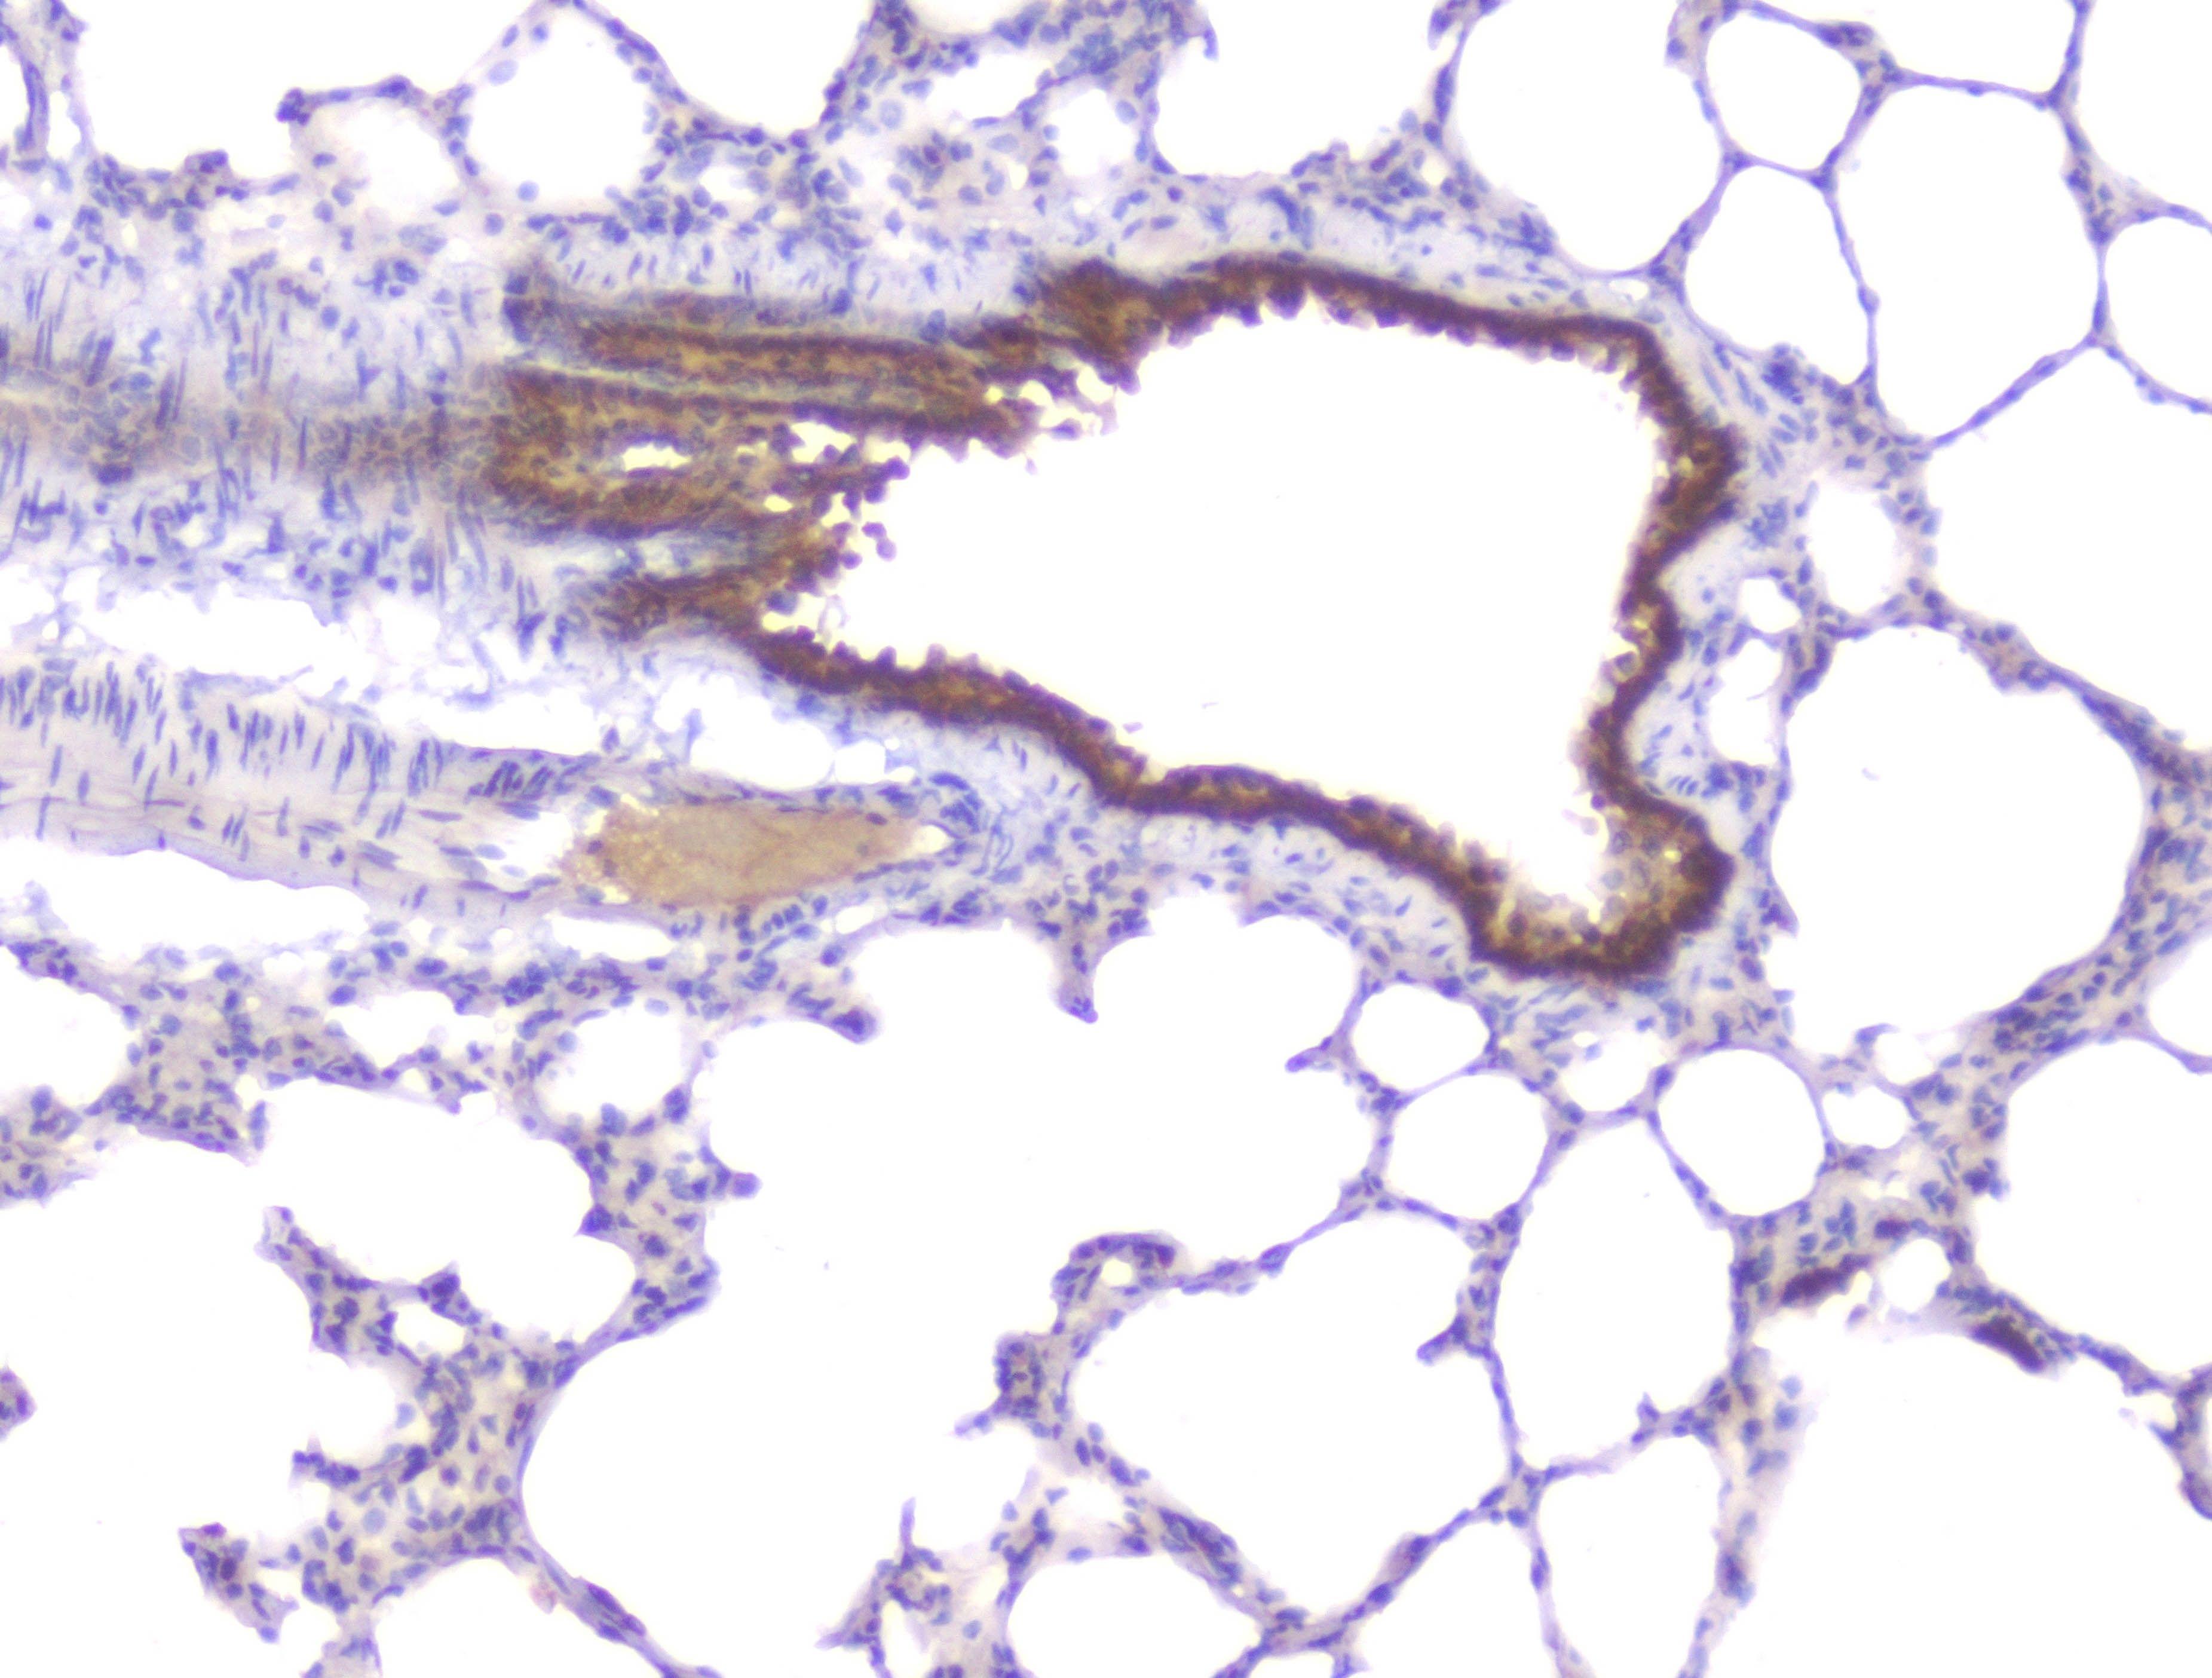 PKC beta-1 Antibody in Immunohistochemistry (Paraffin) (IHC (P))